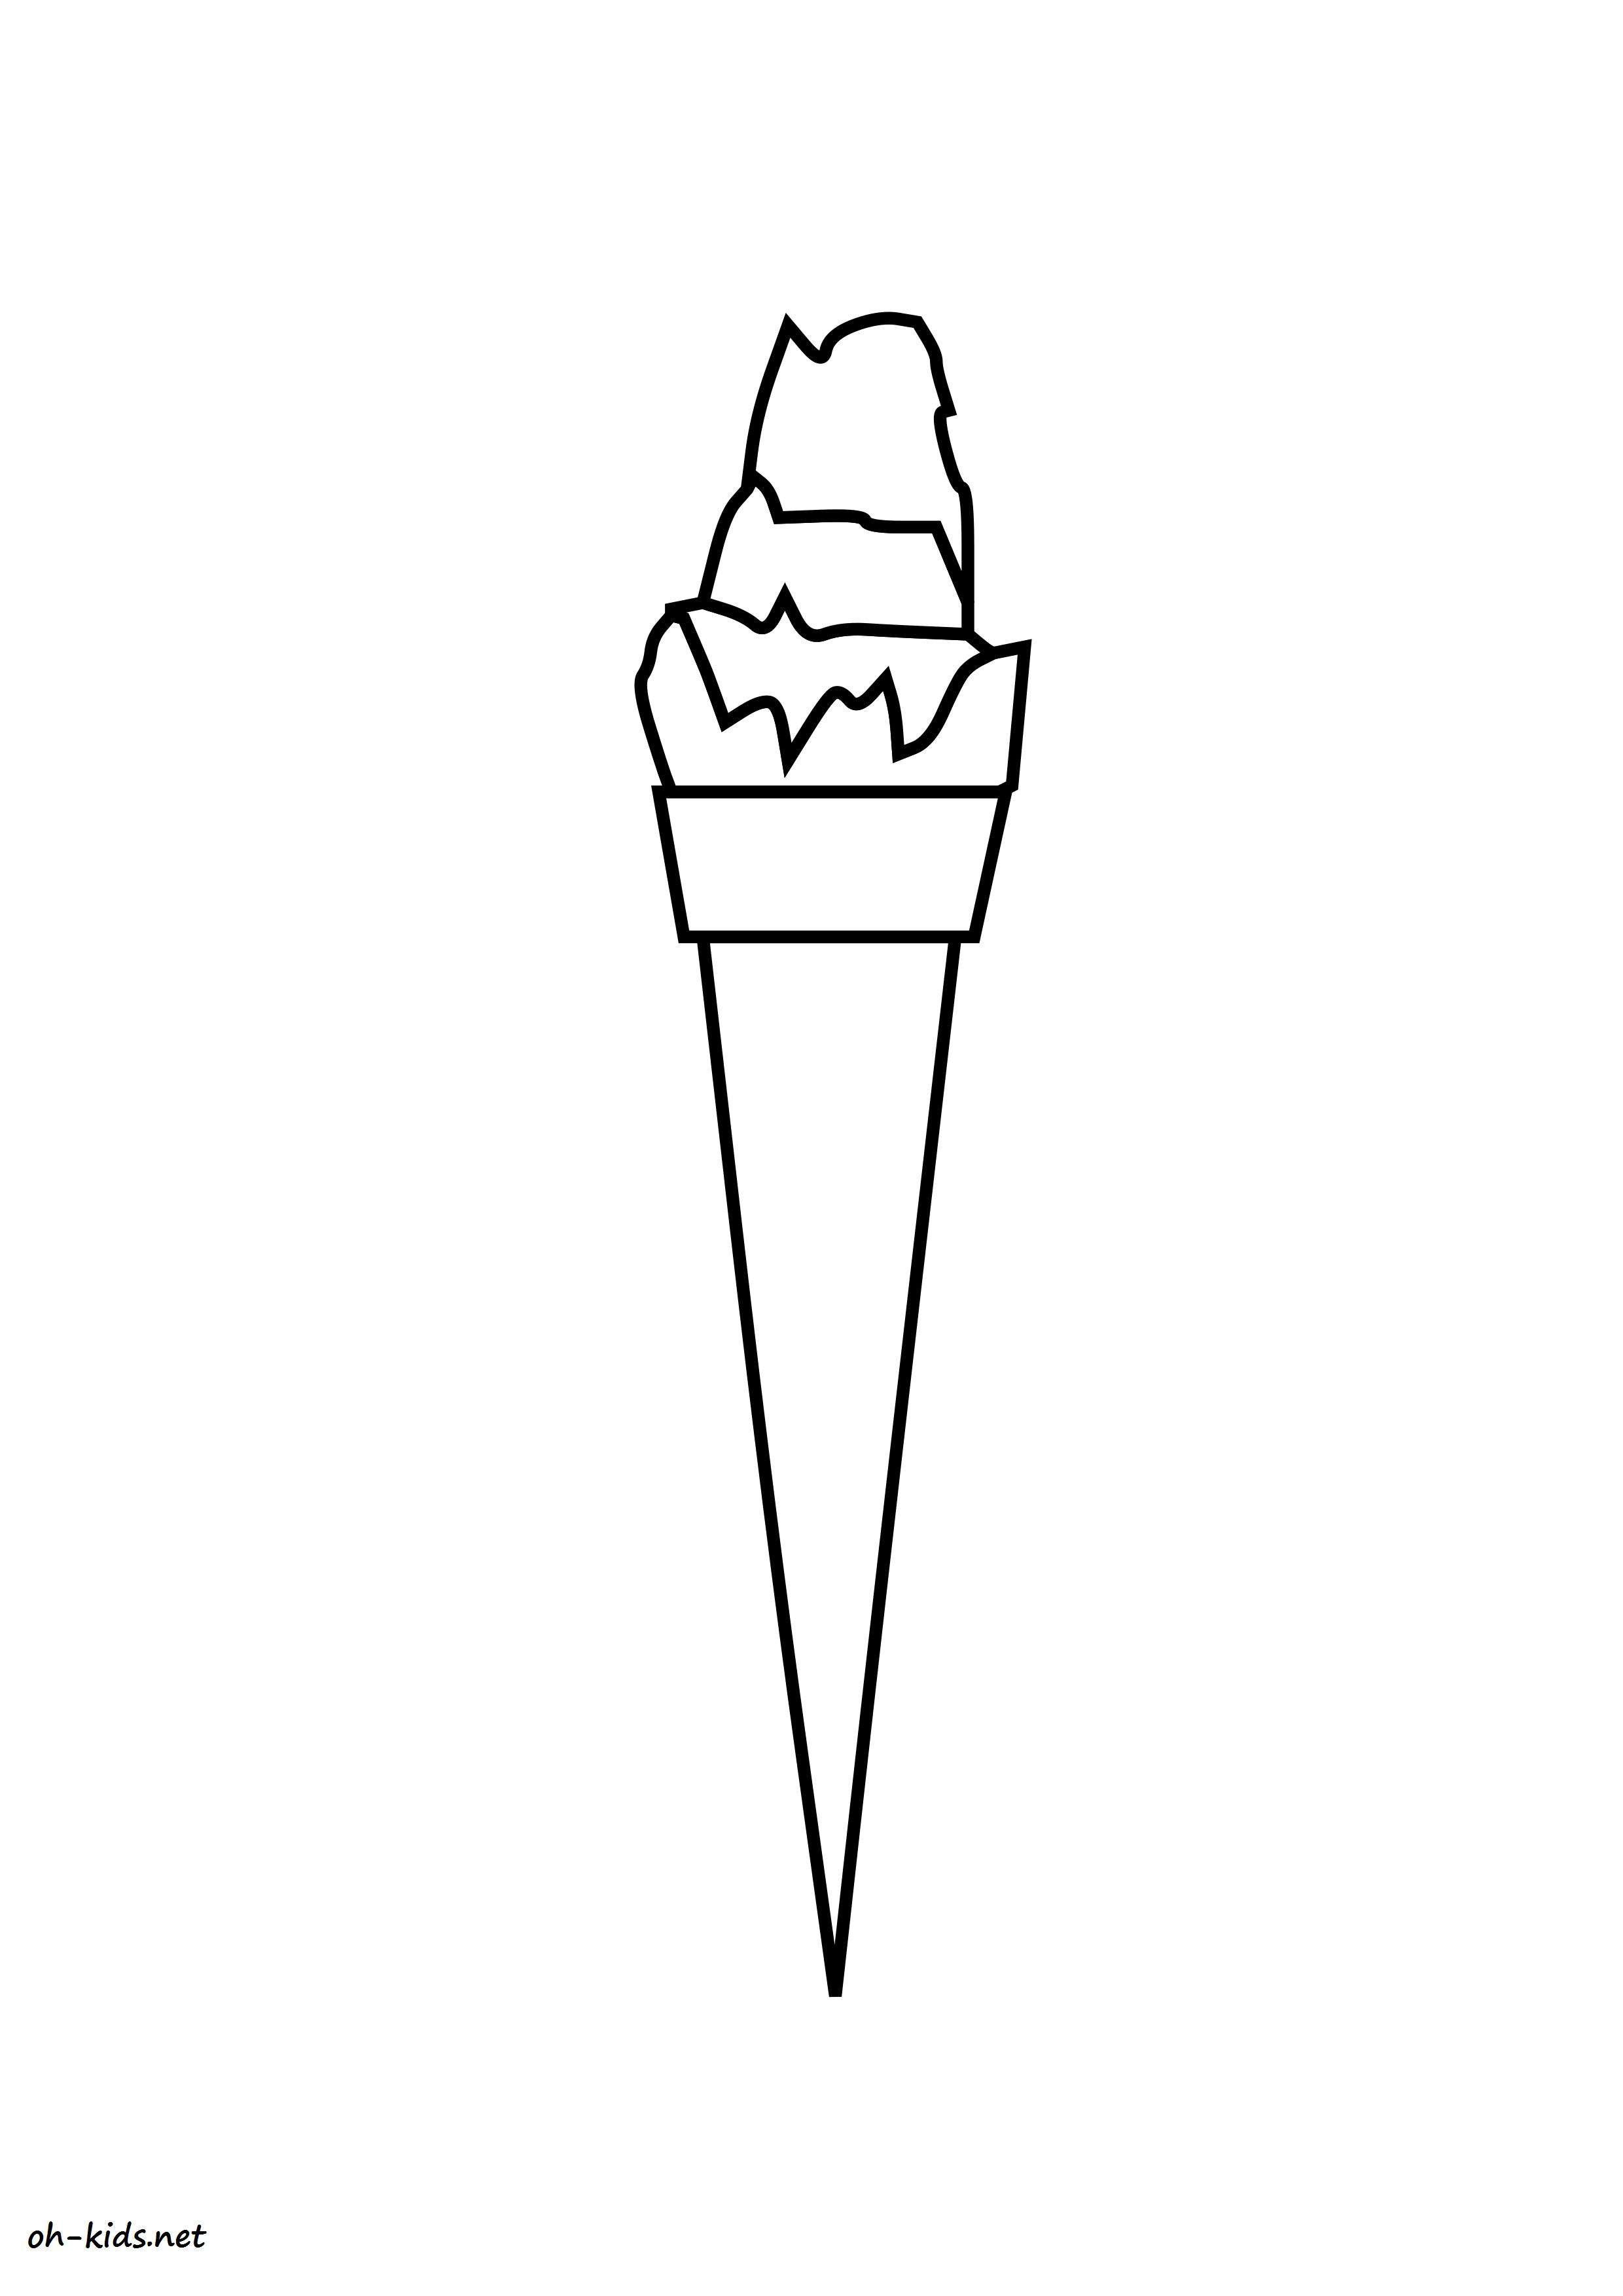 Dessin gratuit olympique a colorier - Dessin #1401